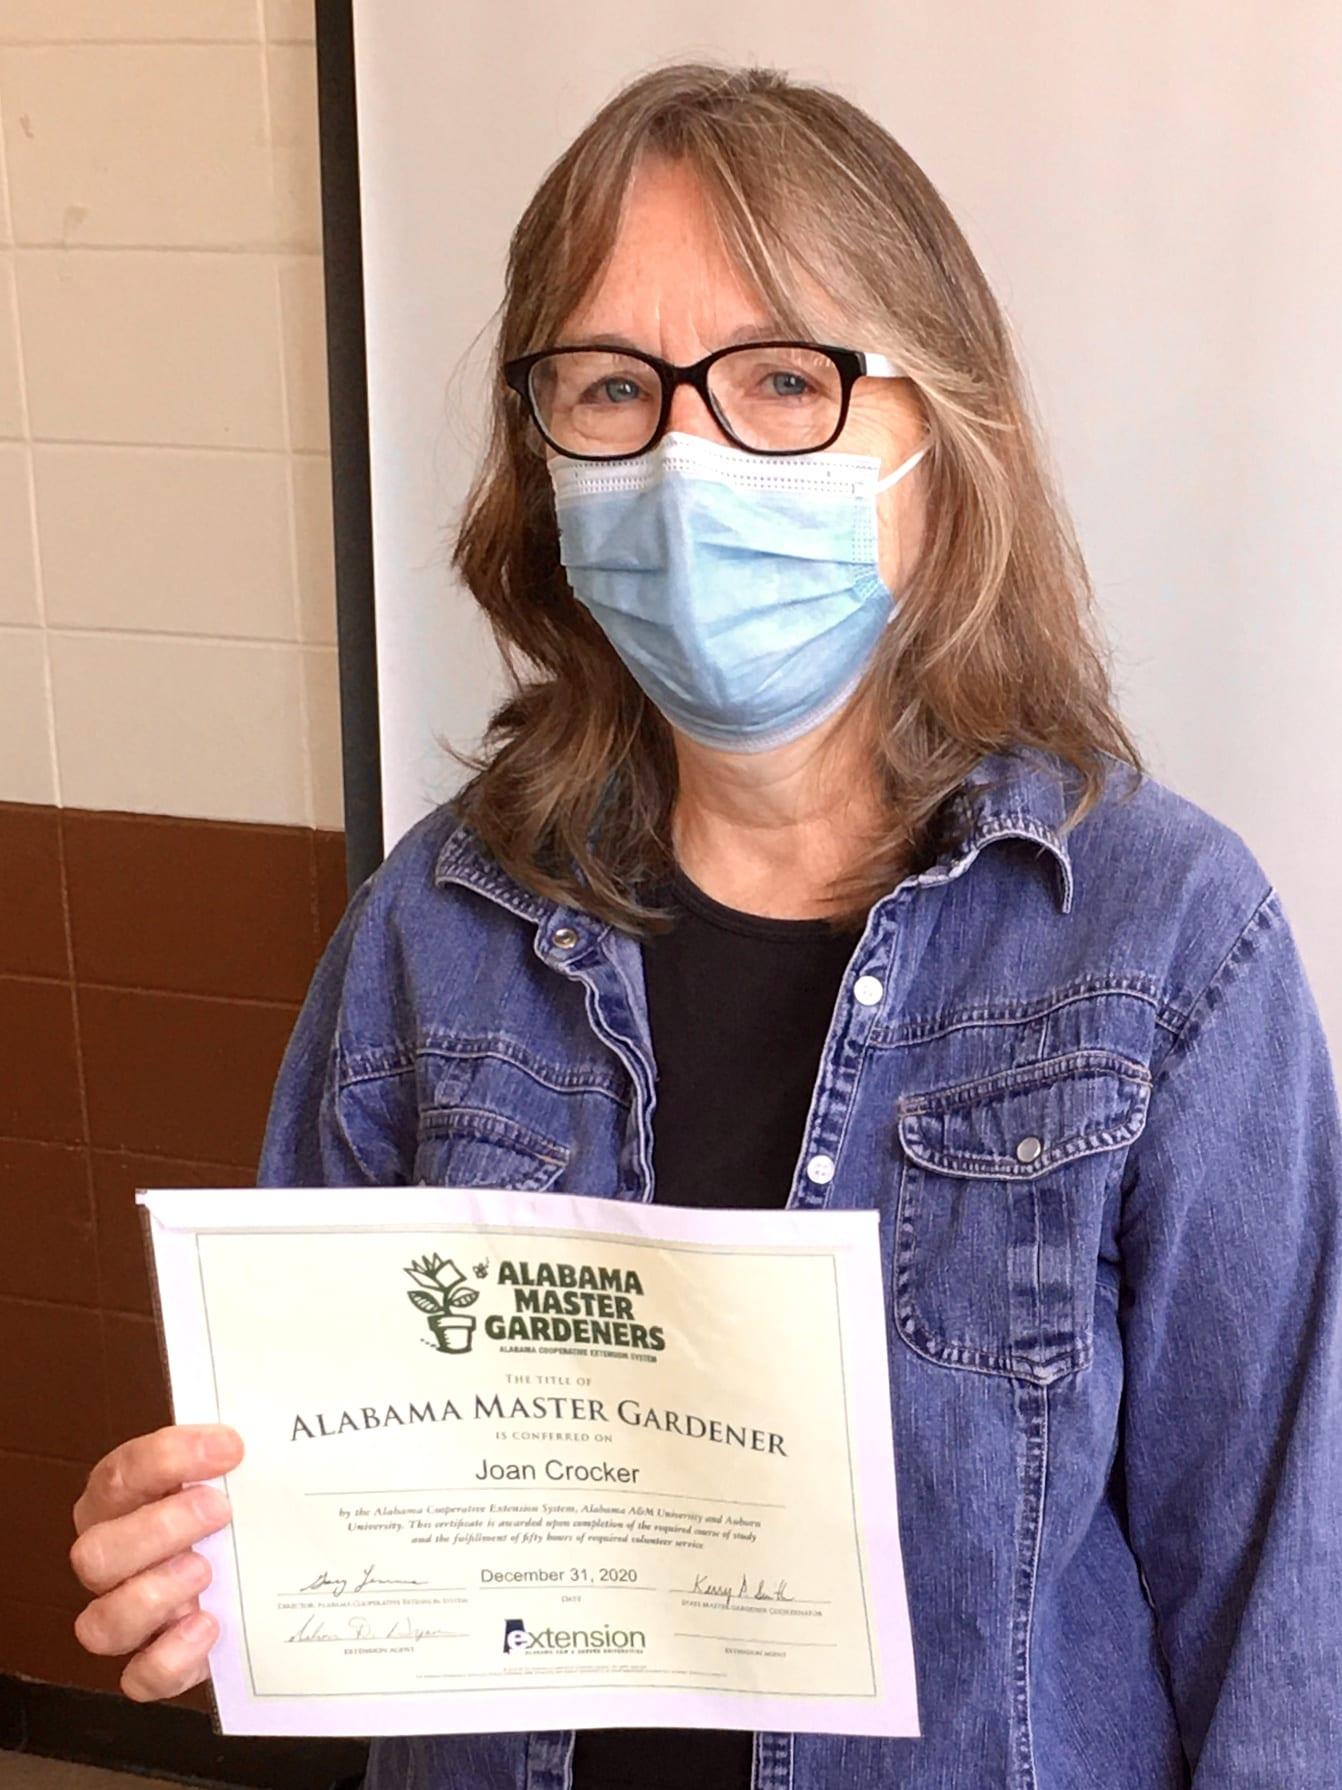 Joan Crocker received certificate